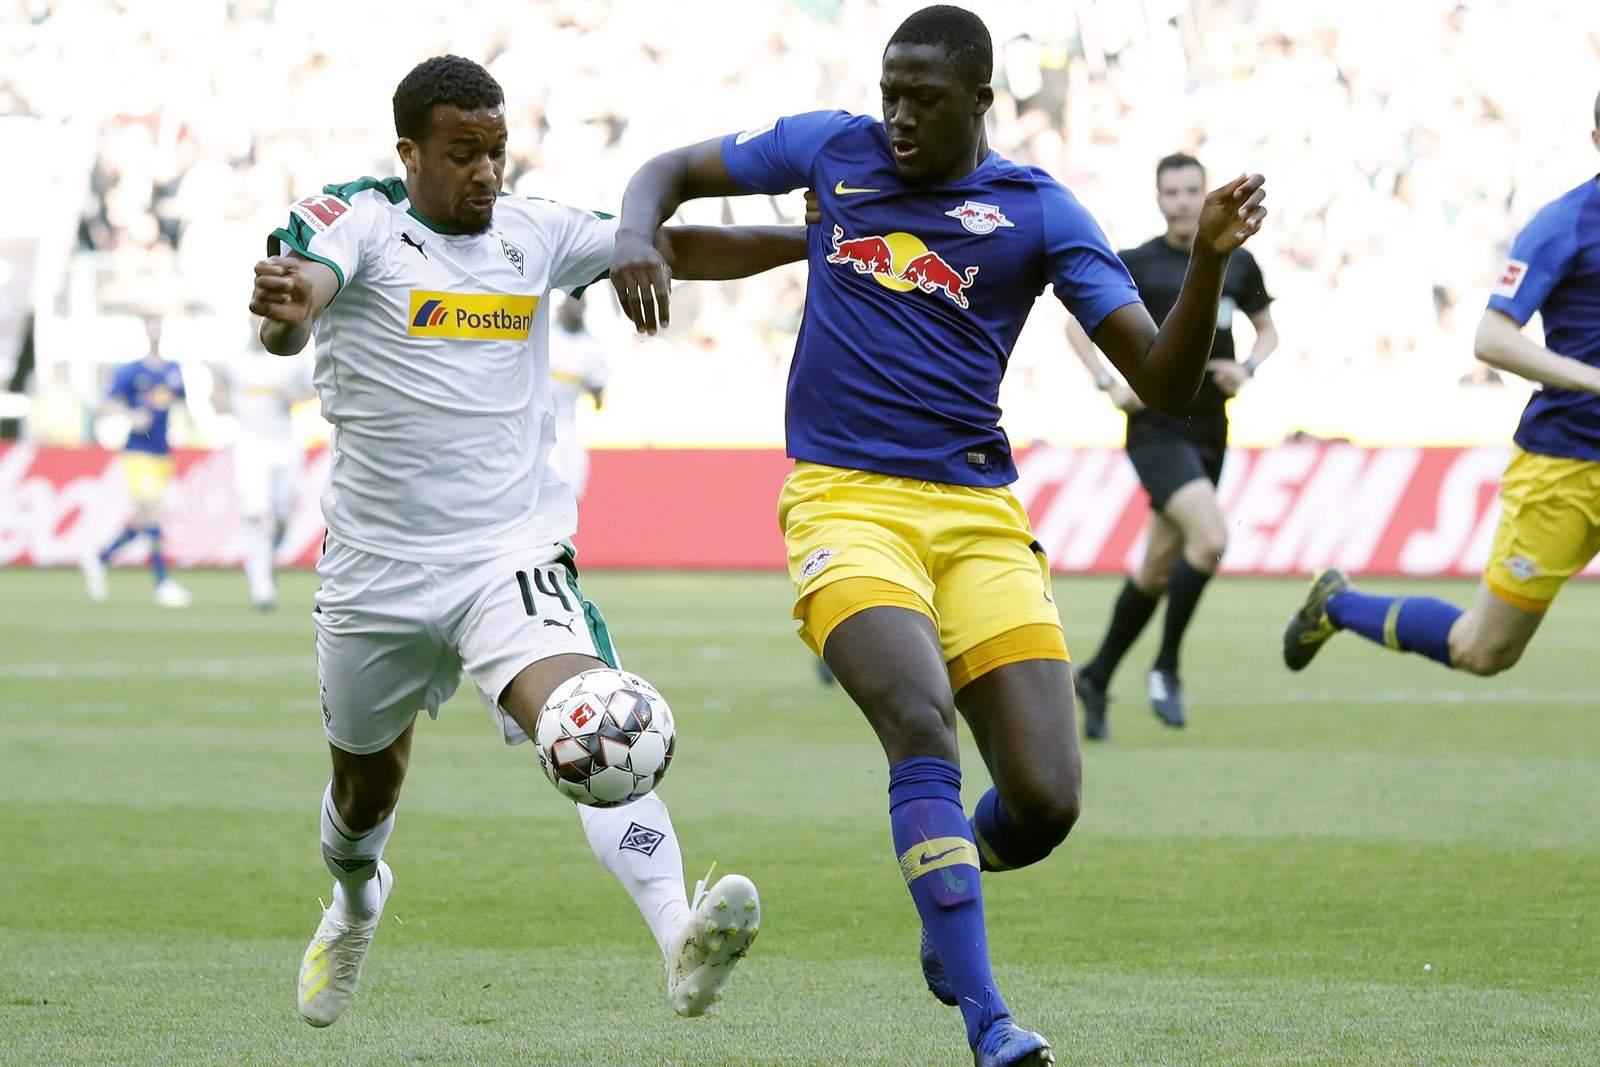 Alassane Plea von Borussia Mönchengladbach gegen Ibrahima Konate von RB Leipzig